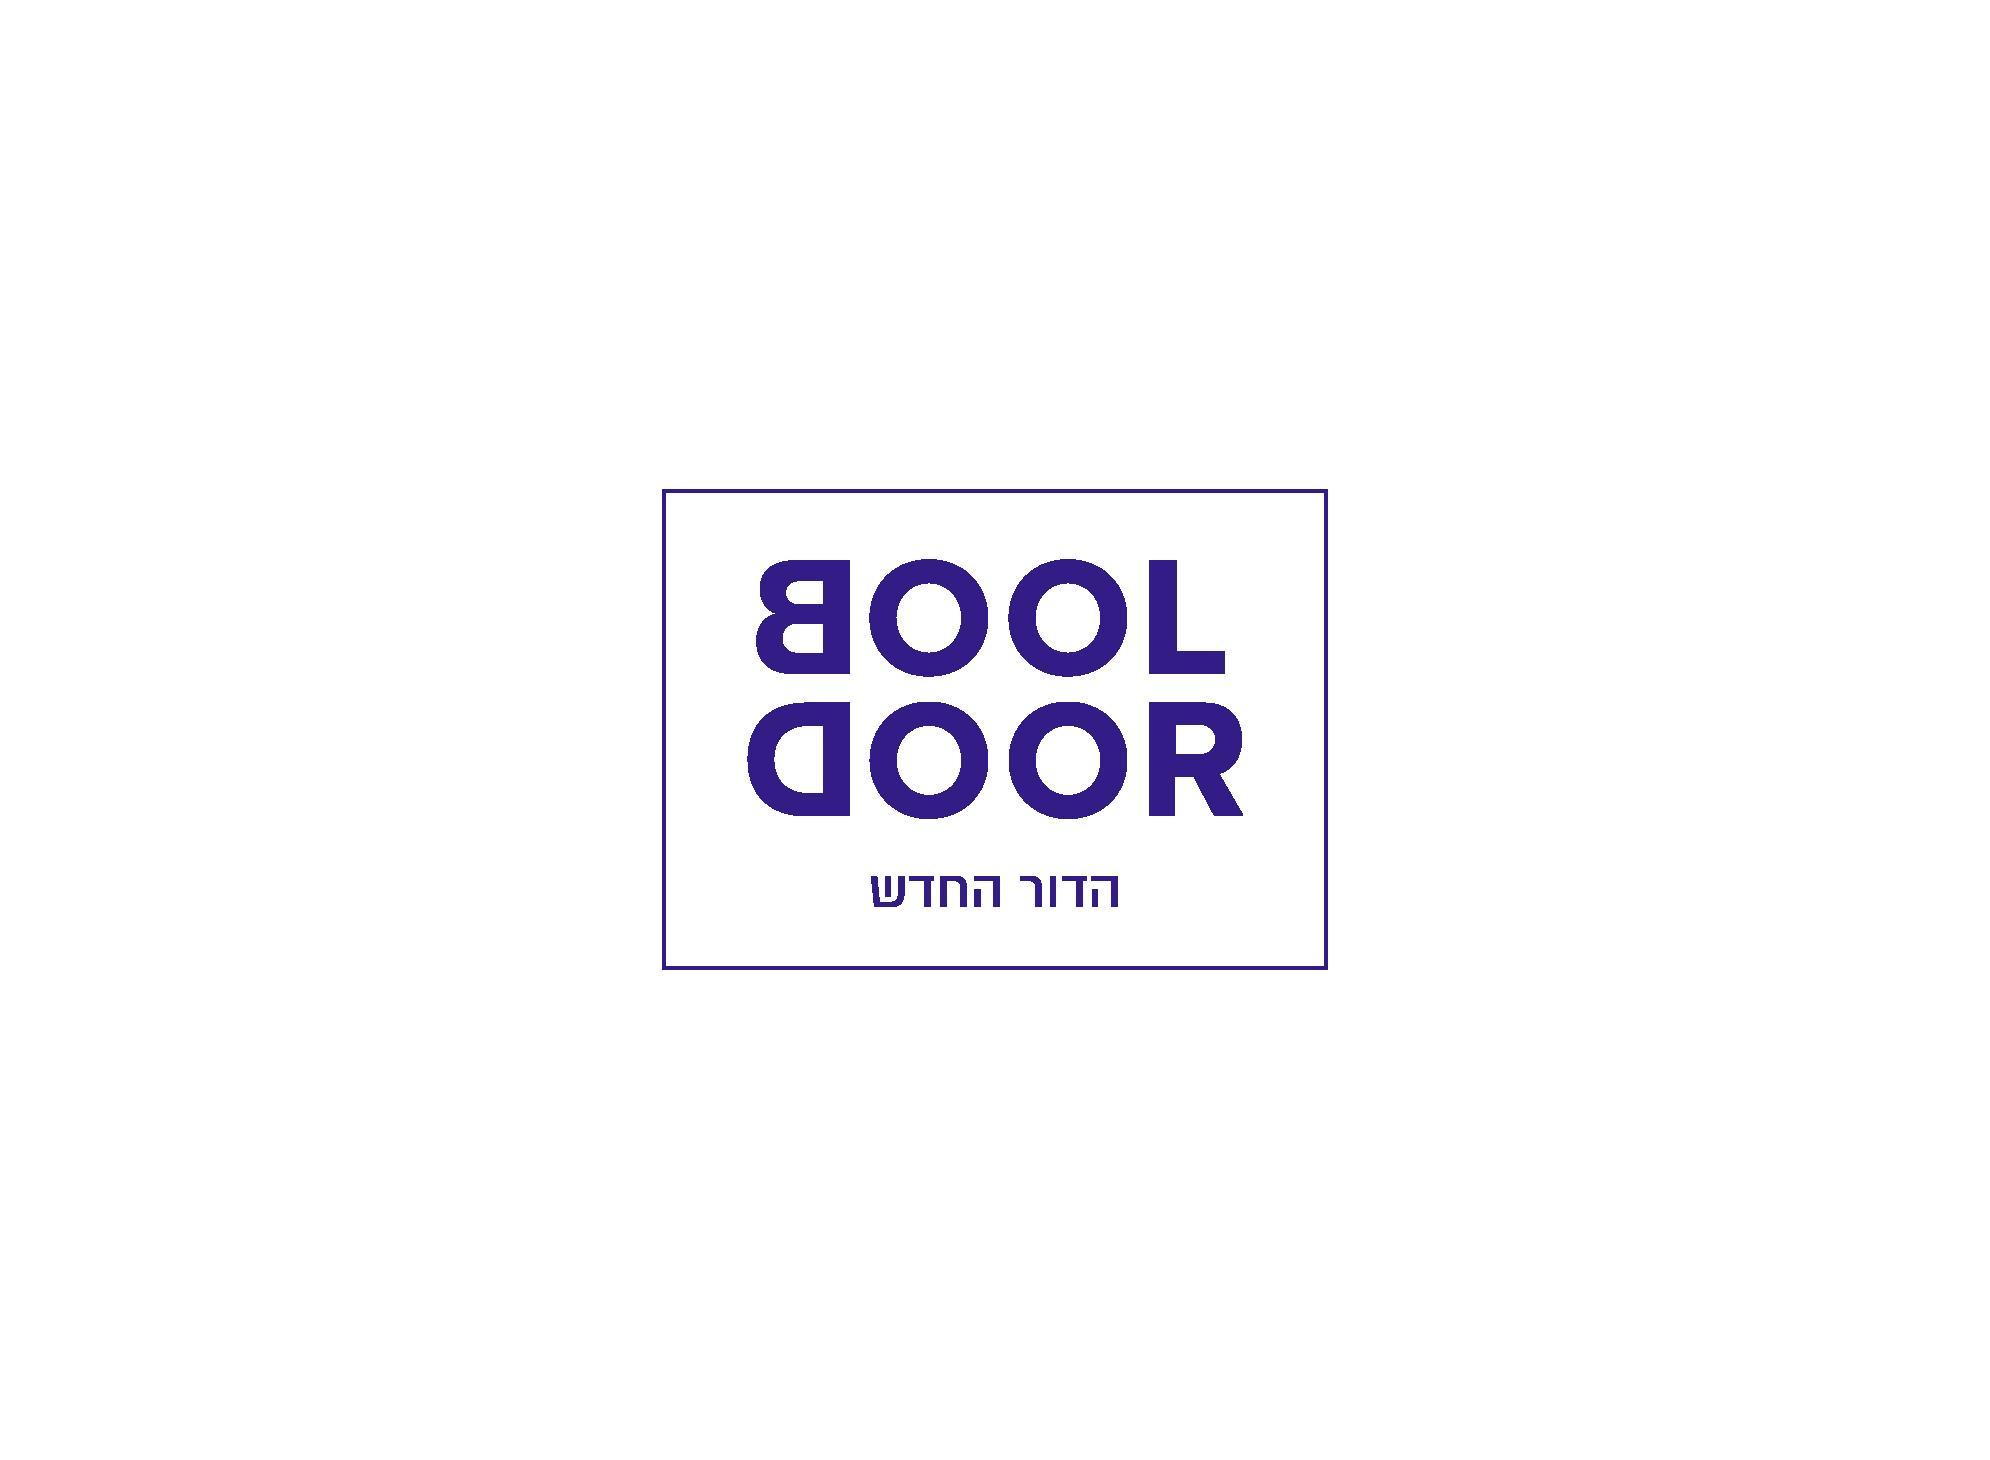 bool-door2